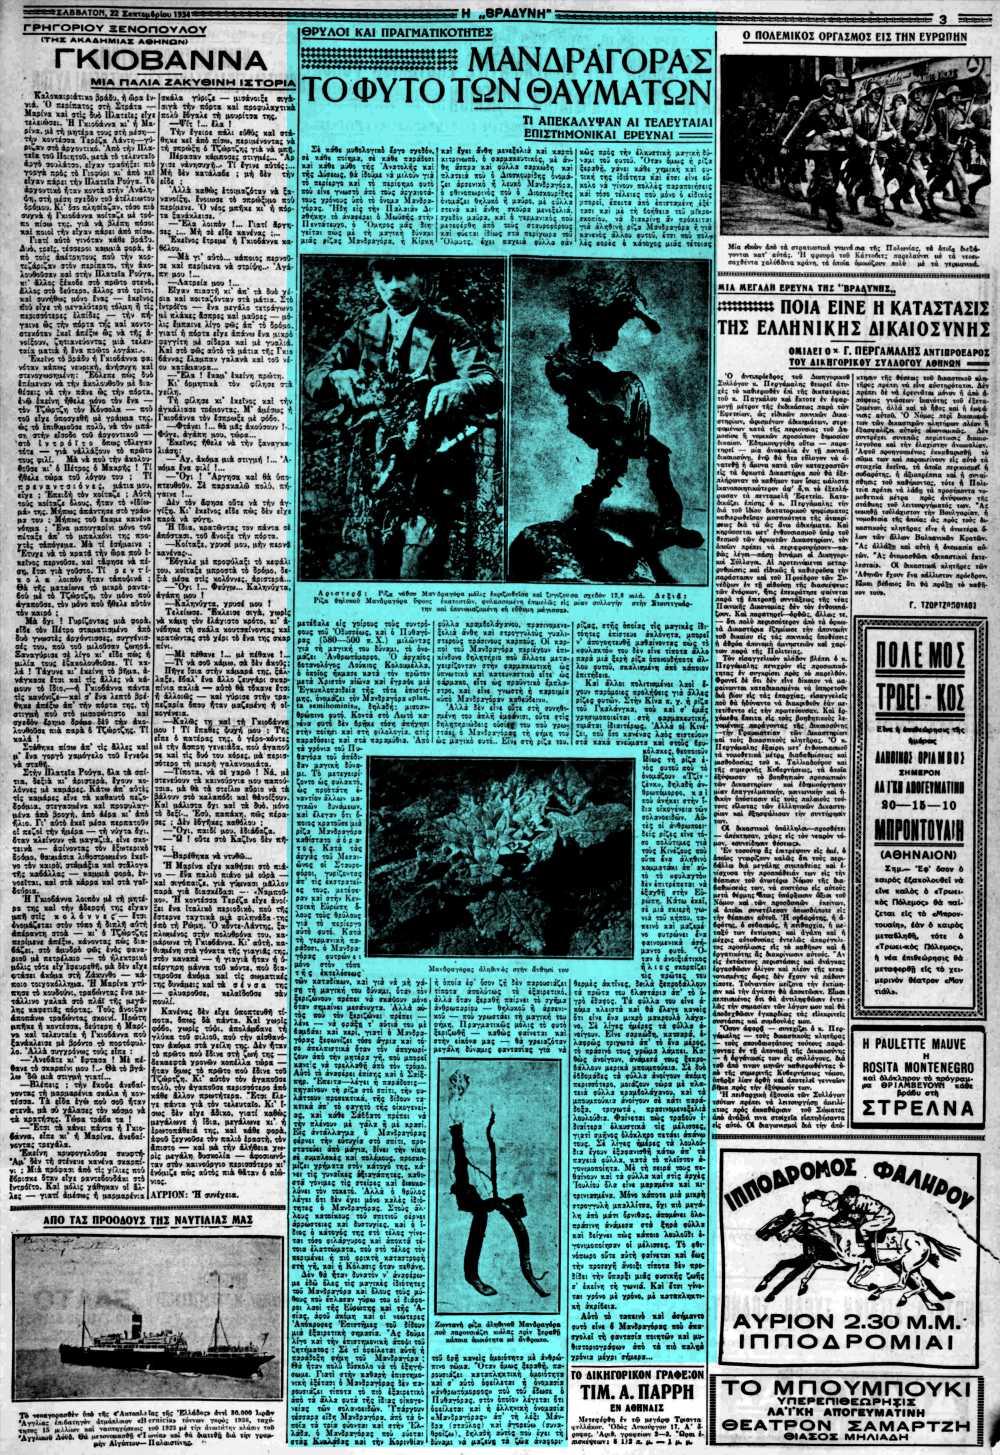 """Το άρθρο, όπως δημοσιεύθηκε στην εφημερίδα """"Η ΒΡΑΔΥΝΗ"""", στις 22/09/1934"""